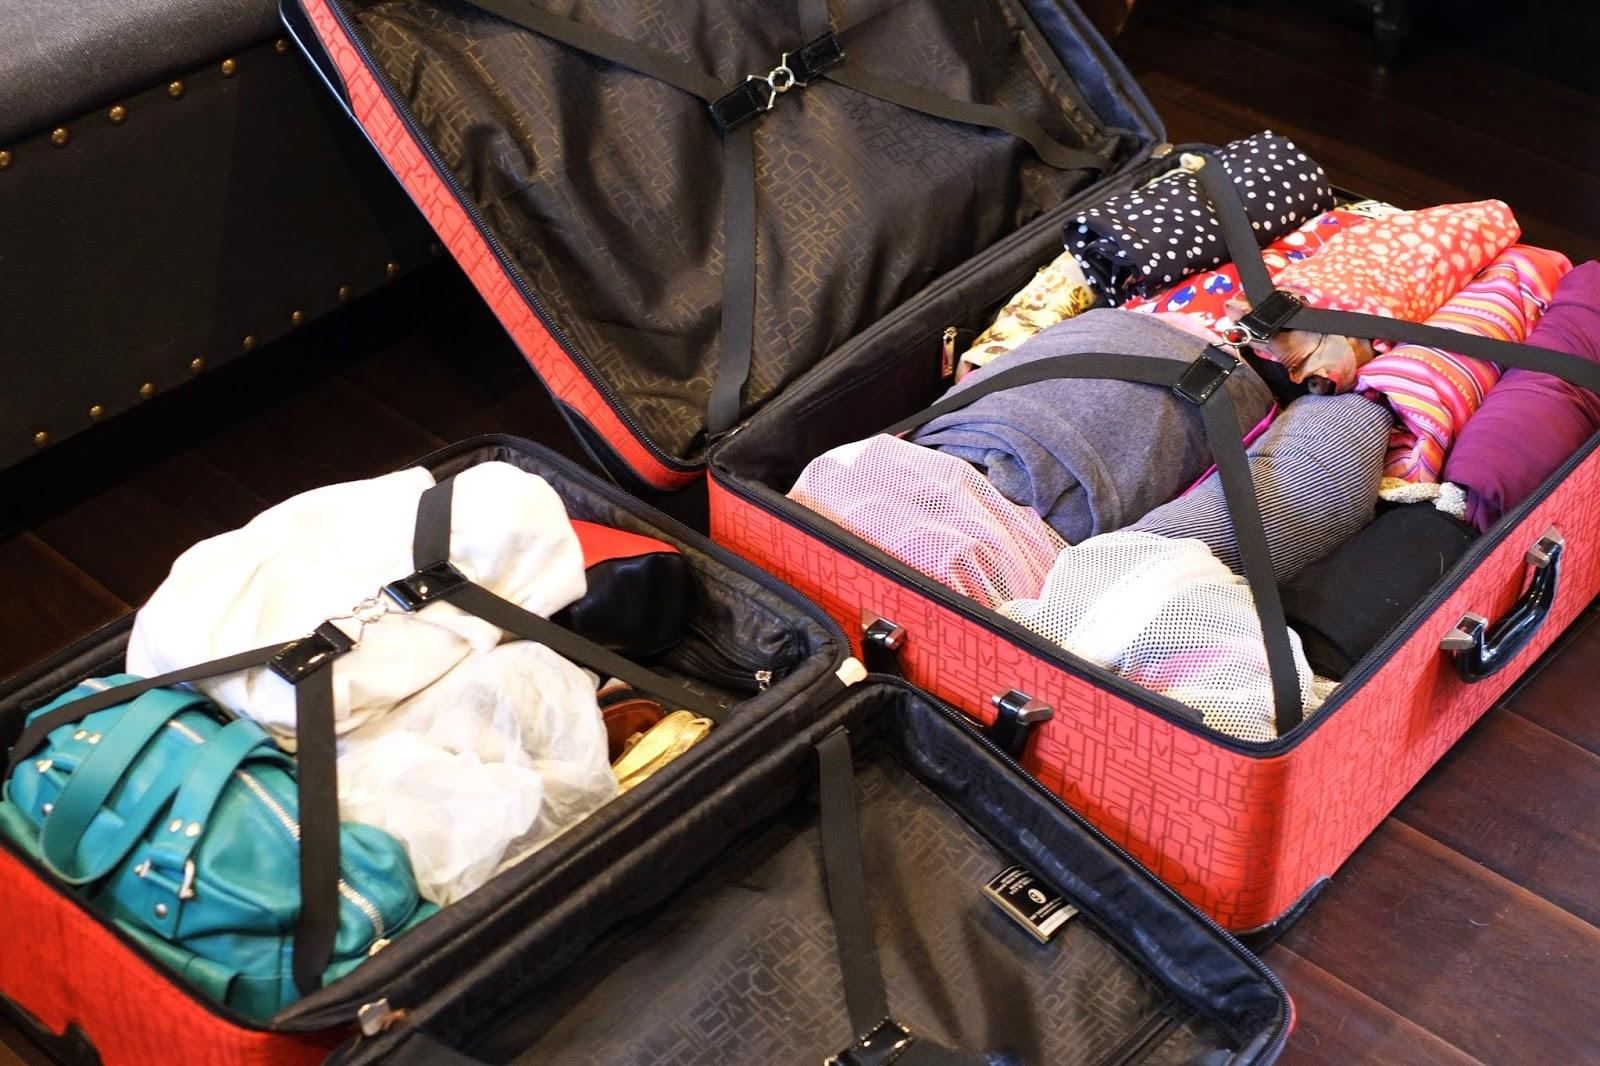 arrumar a mala de viagem para o inverno